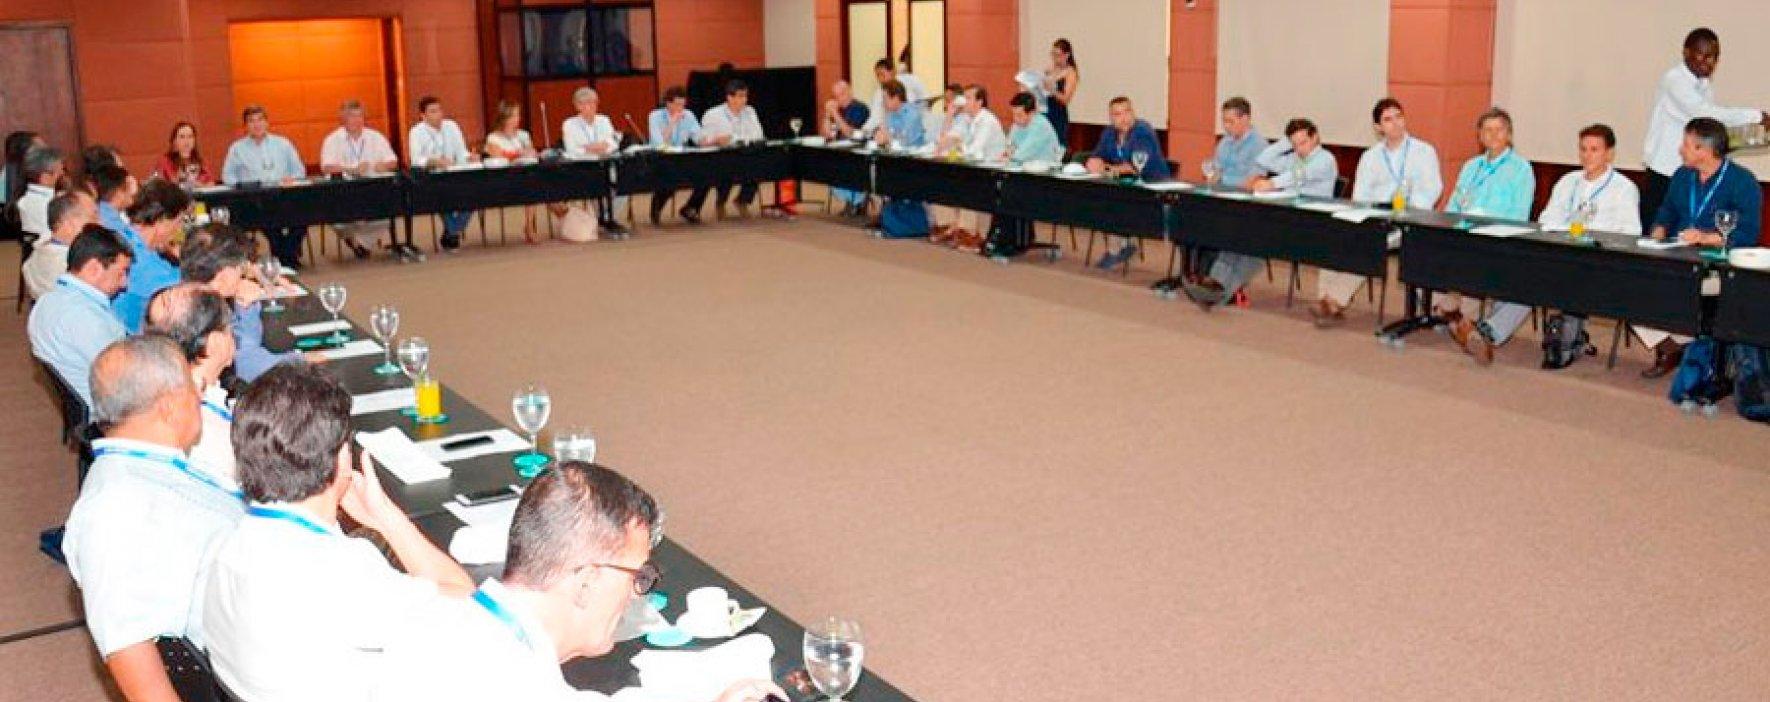 Camacol designó nueva Mesa Directiva y delegados para la Junta Directiva Nacional